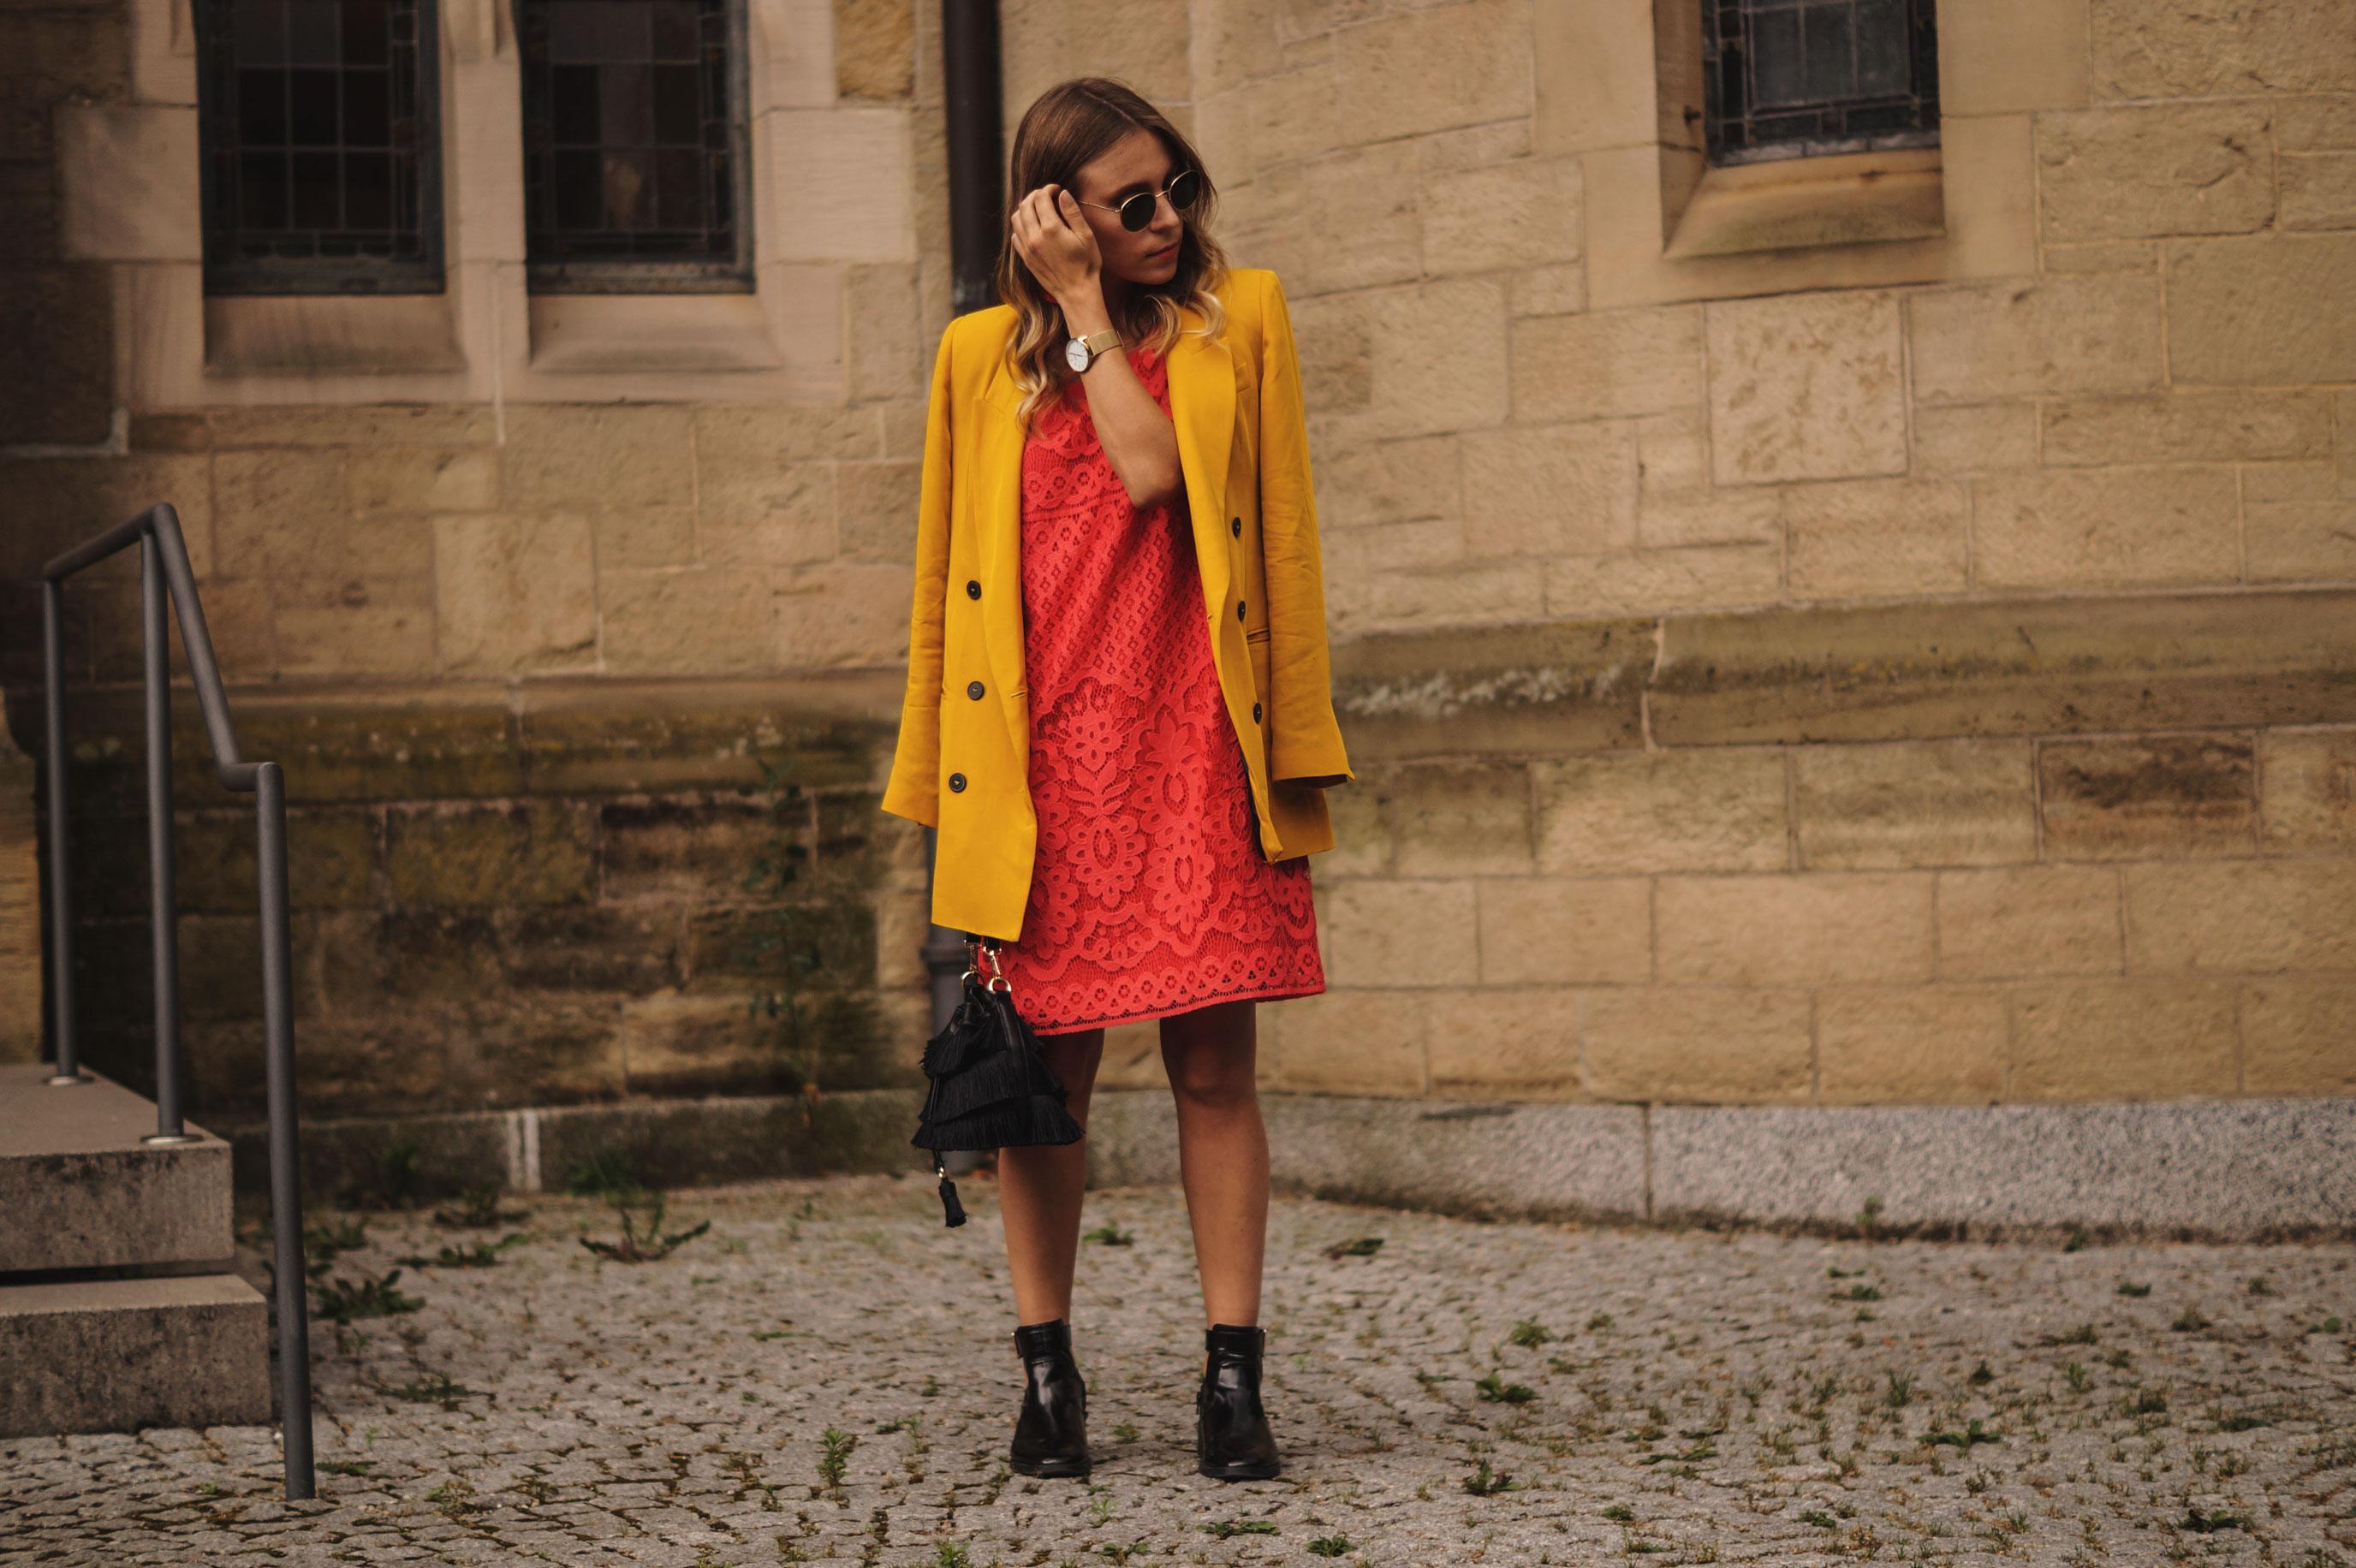 Modeblog Sariety Riani Dress Fashion Week Berlin Spitzenkleid gelber Blazer yellow Jacket Fiesta Rianista Color Blocking Fashionblogger_9